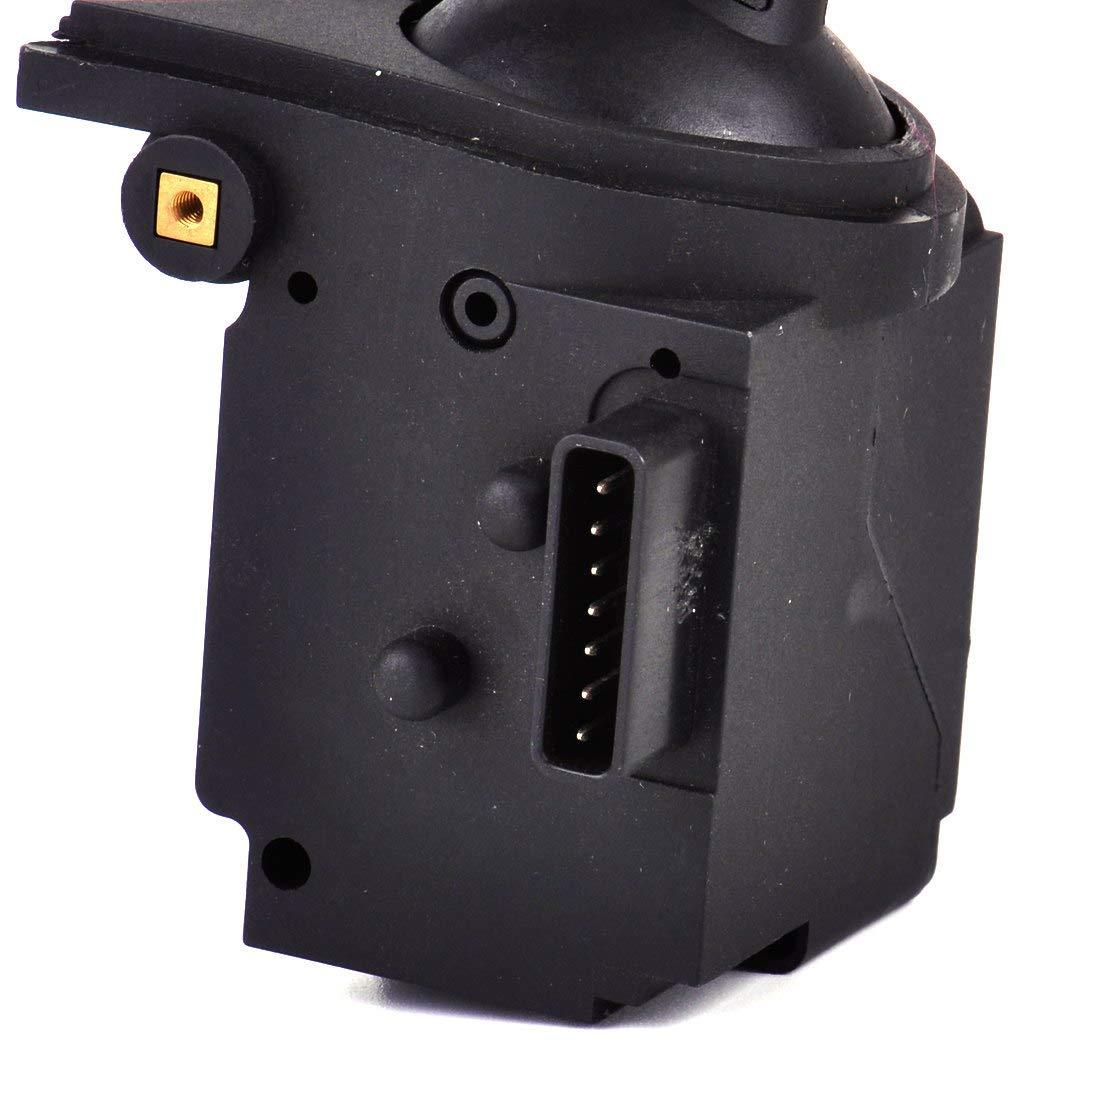 CAR U.S Turn Signal Cruise Control Column Switch Stalk 4E0953521 4E0 953 521 for Audi A4 B6 B7 2001-2008 A6 C6 2005-2011 For A8